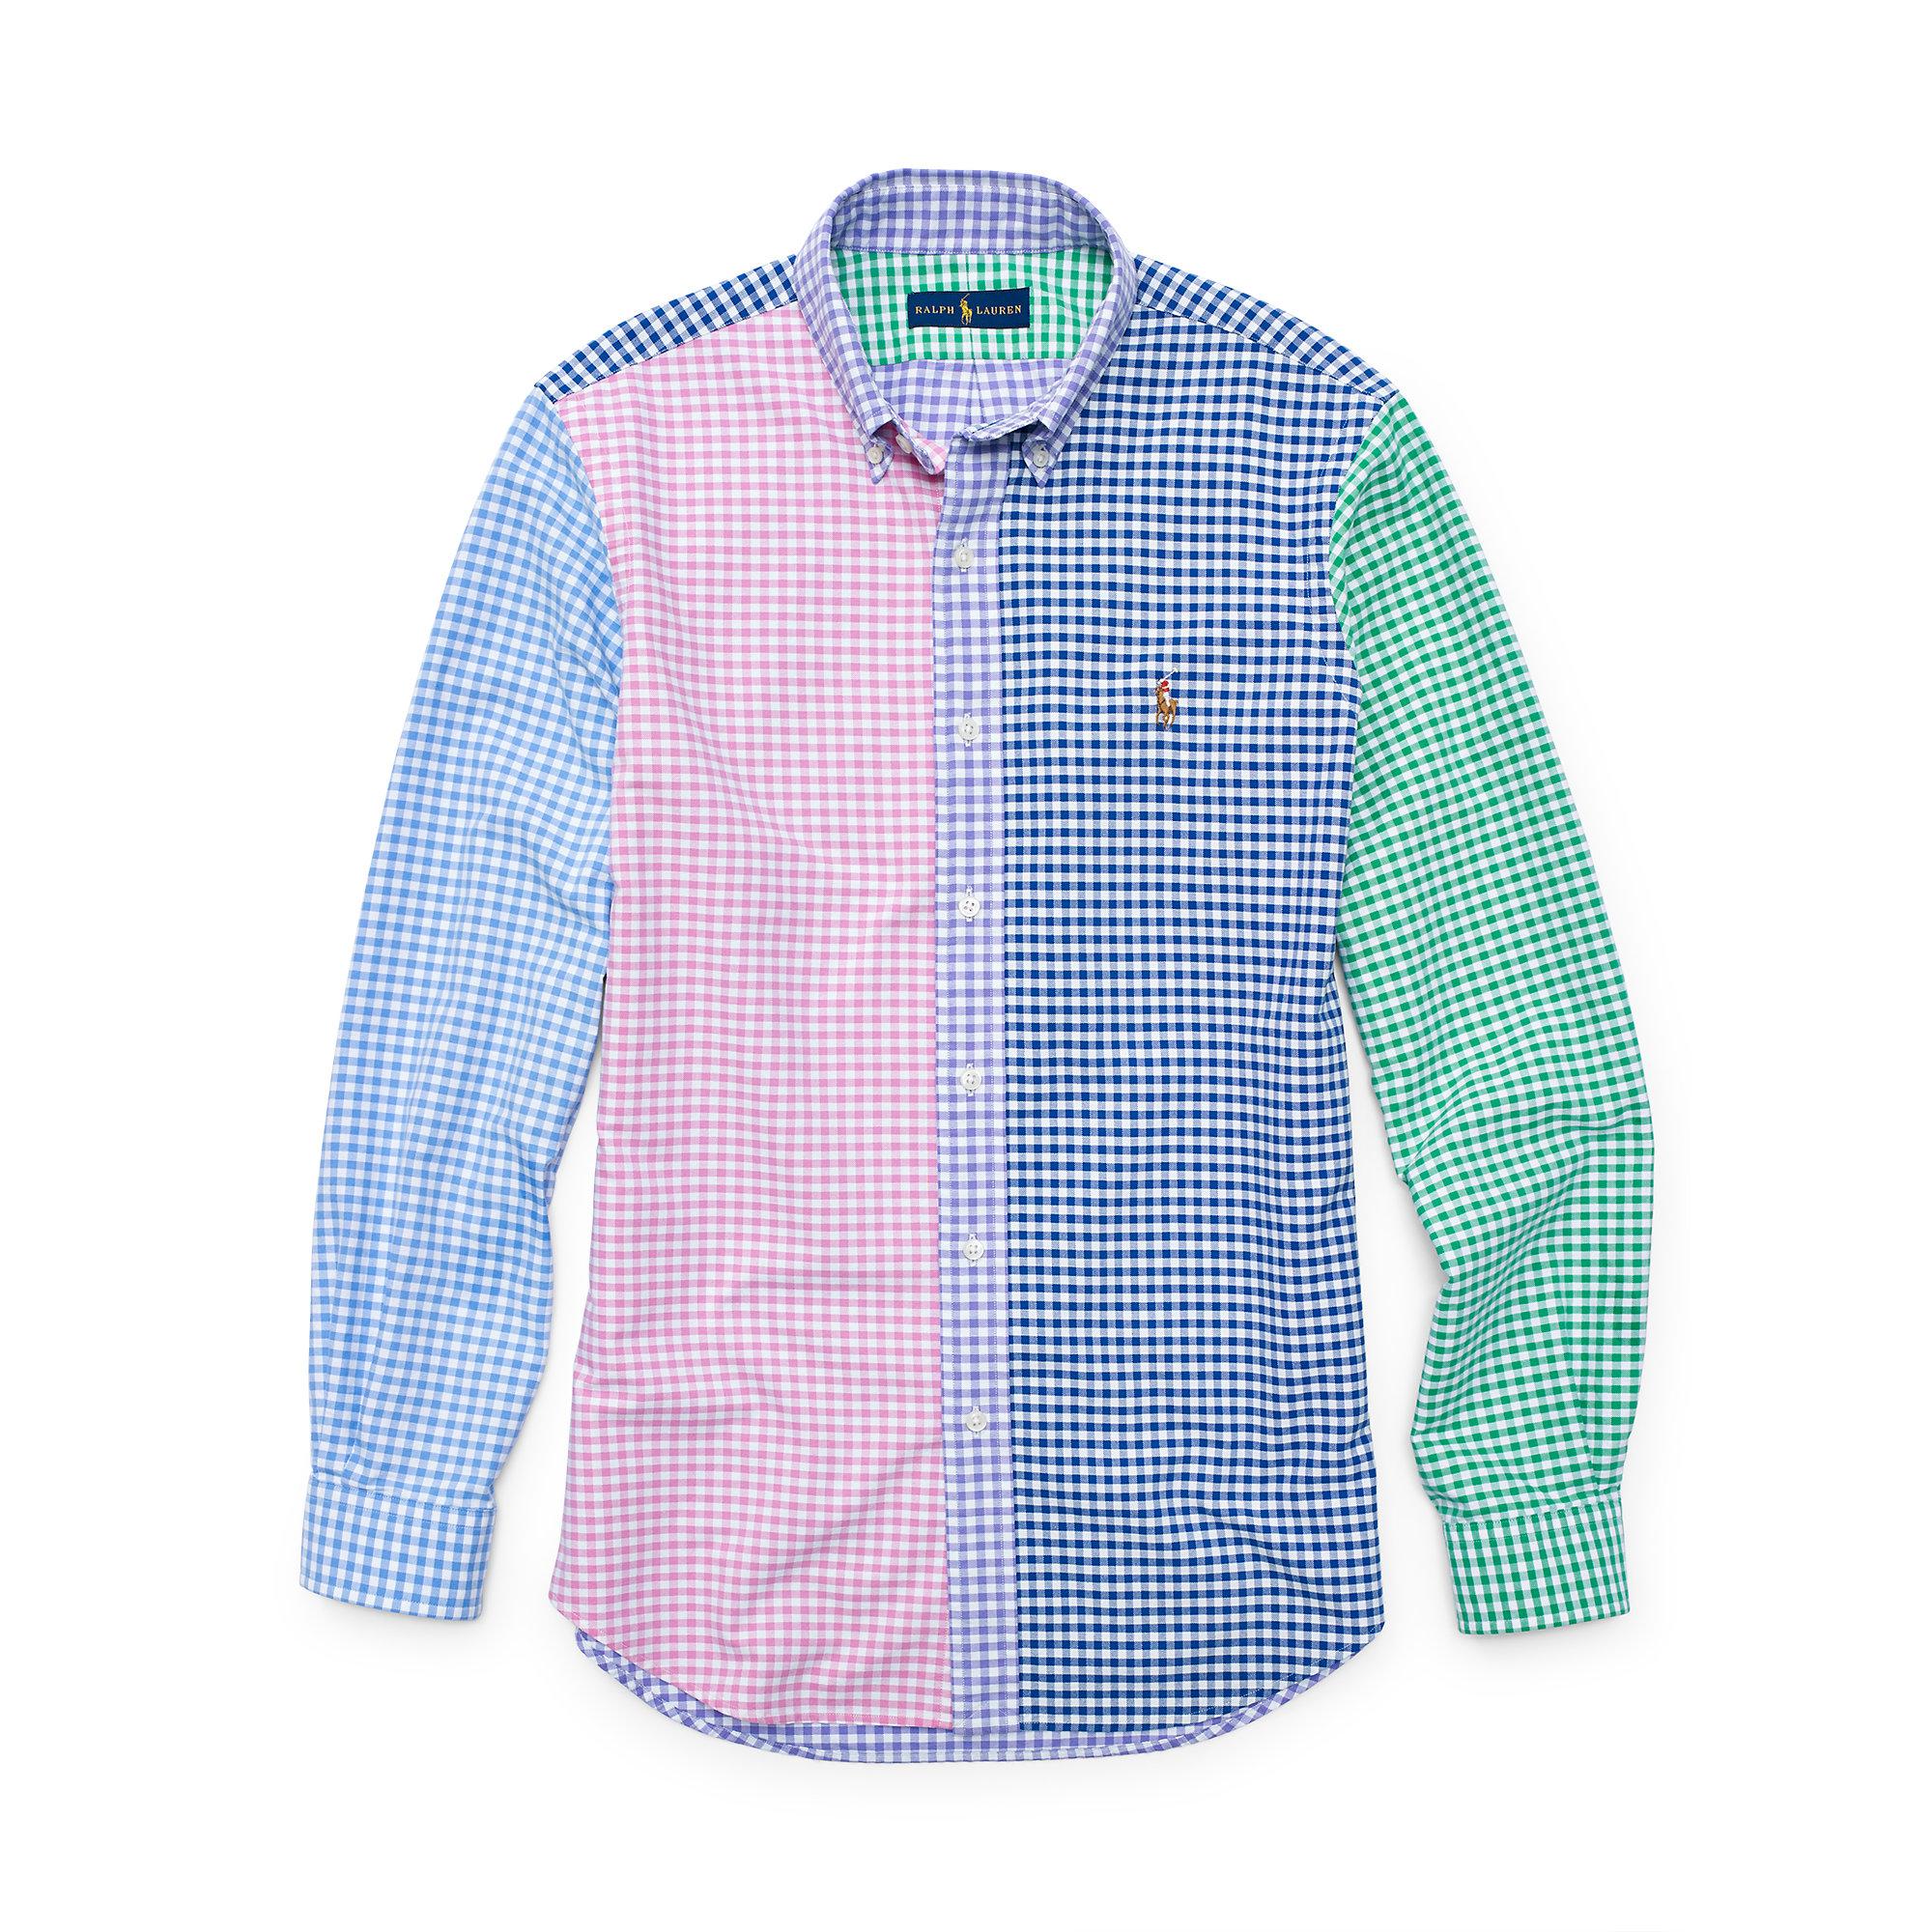 Ralph Lauren Polo Dress Shirts For Men